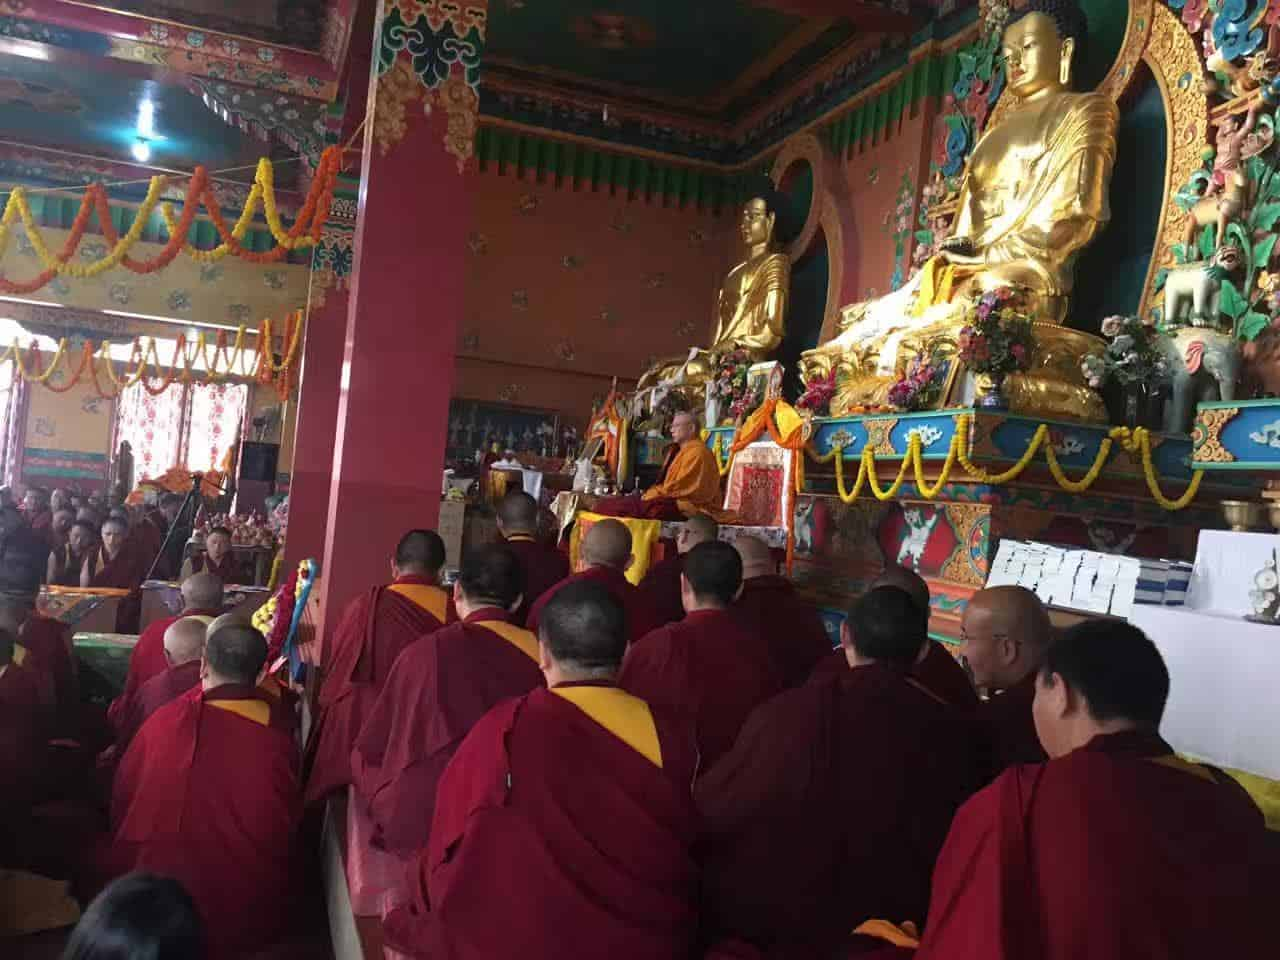 Gosok Rinpoche India 2017 longlife b40d169f99722c63c29fa84a53435e7